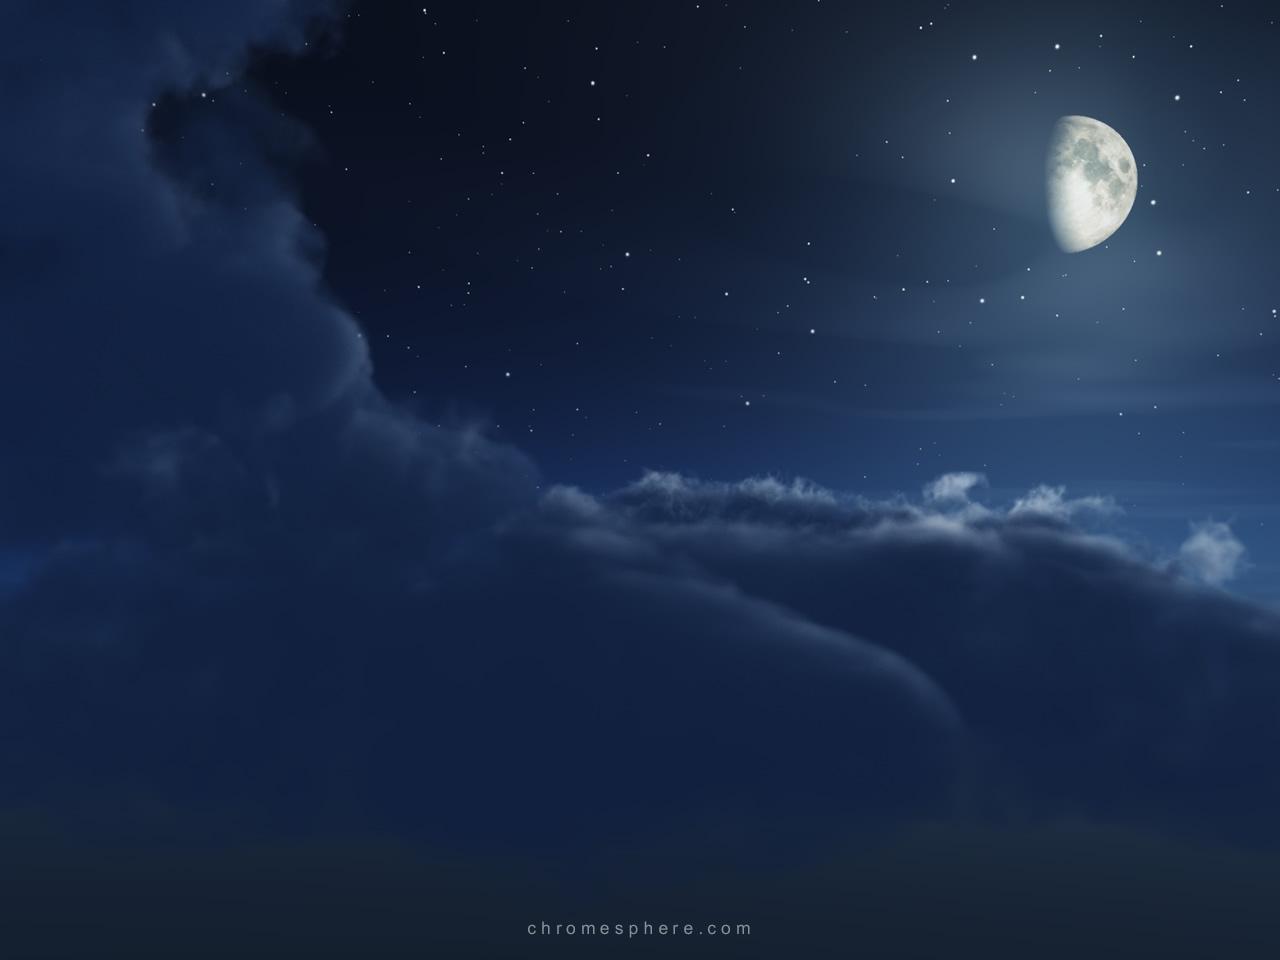 بالصور تفسير رؤية الليل في الحلم 20160716 2394